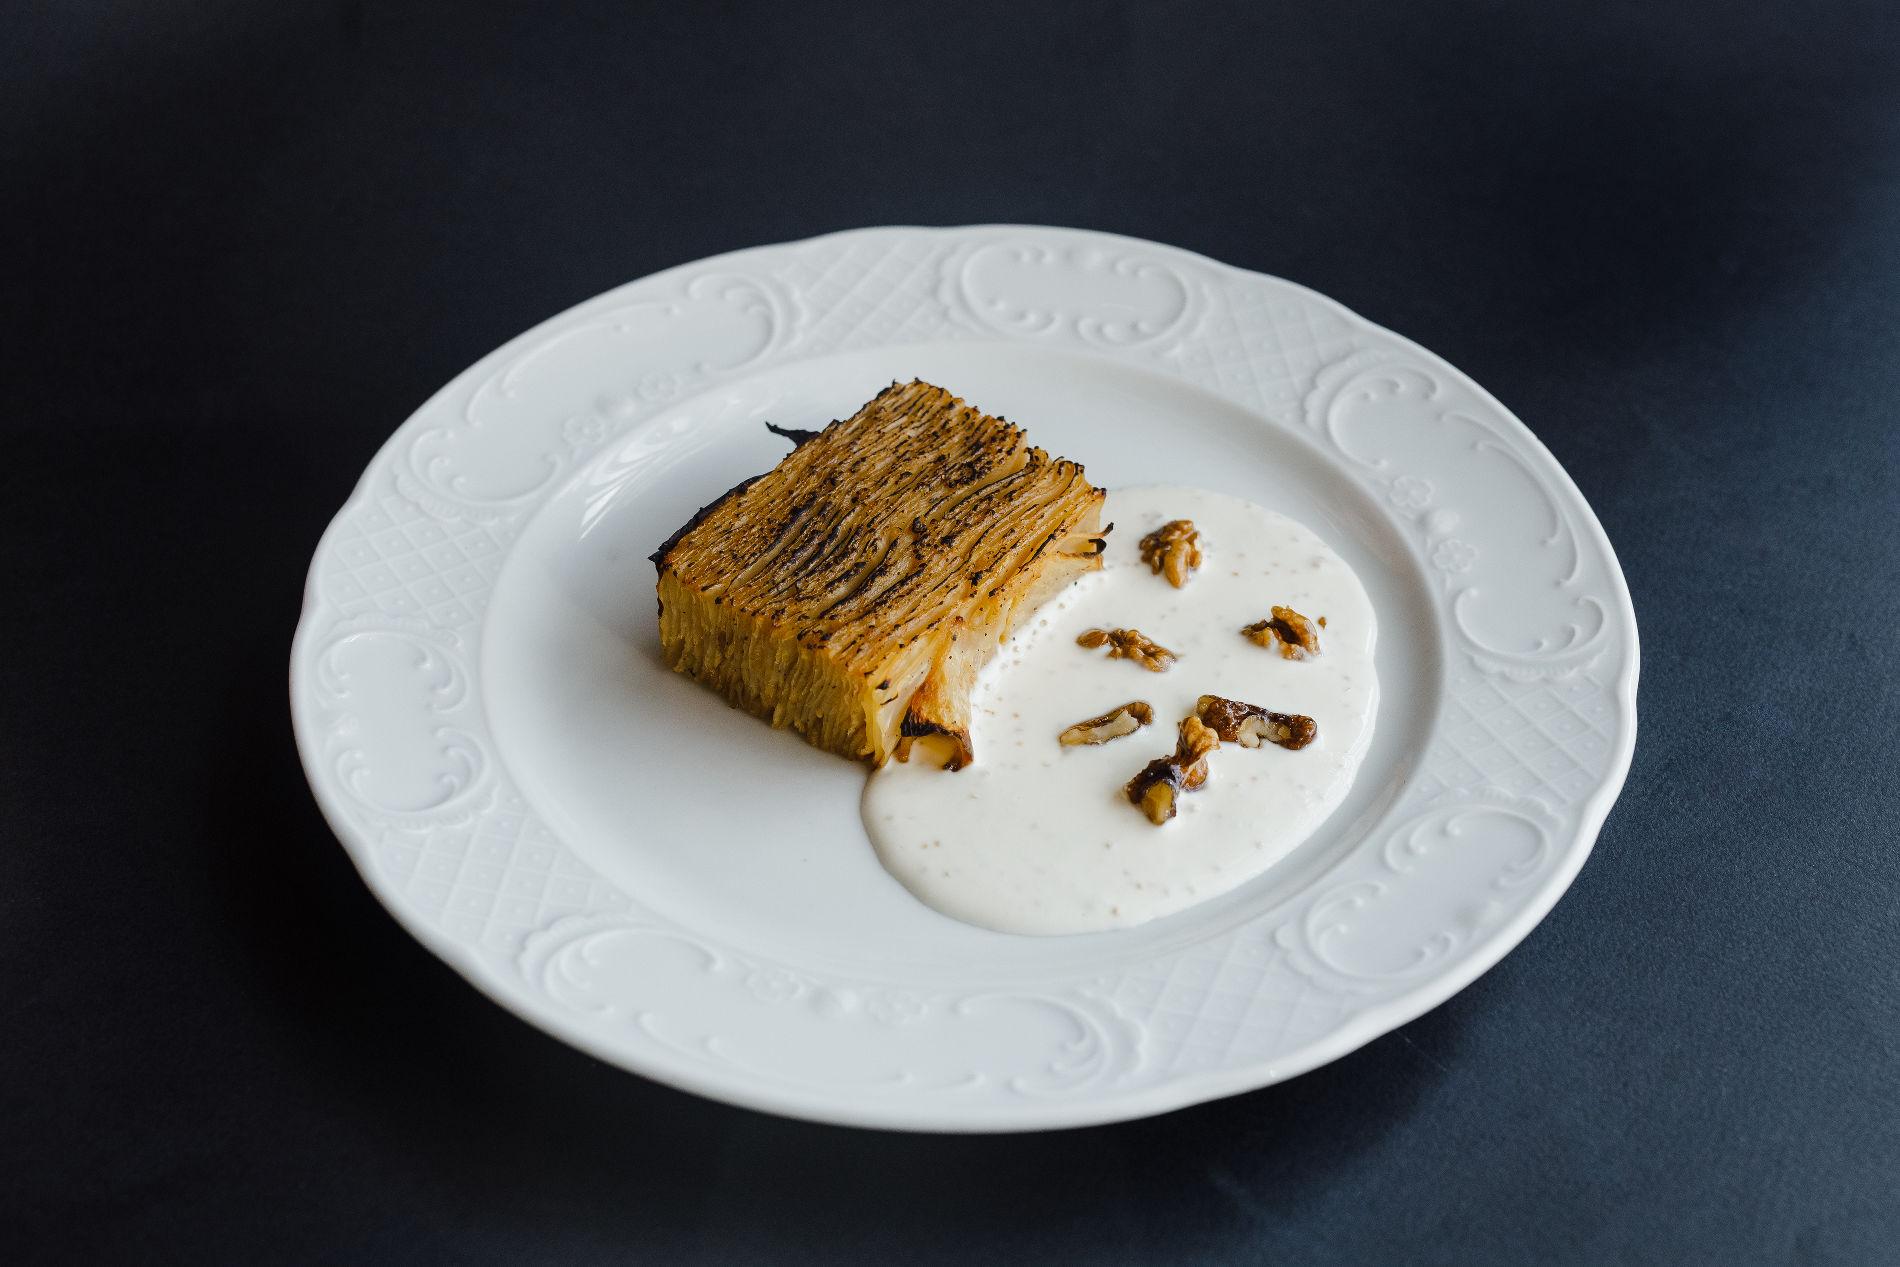 Гратен из сельдерея со сливочным соусом и щучьей икрой ©Фотография предоставлена заведением